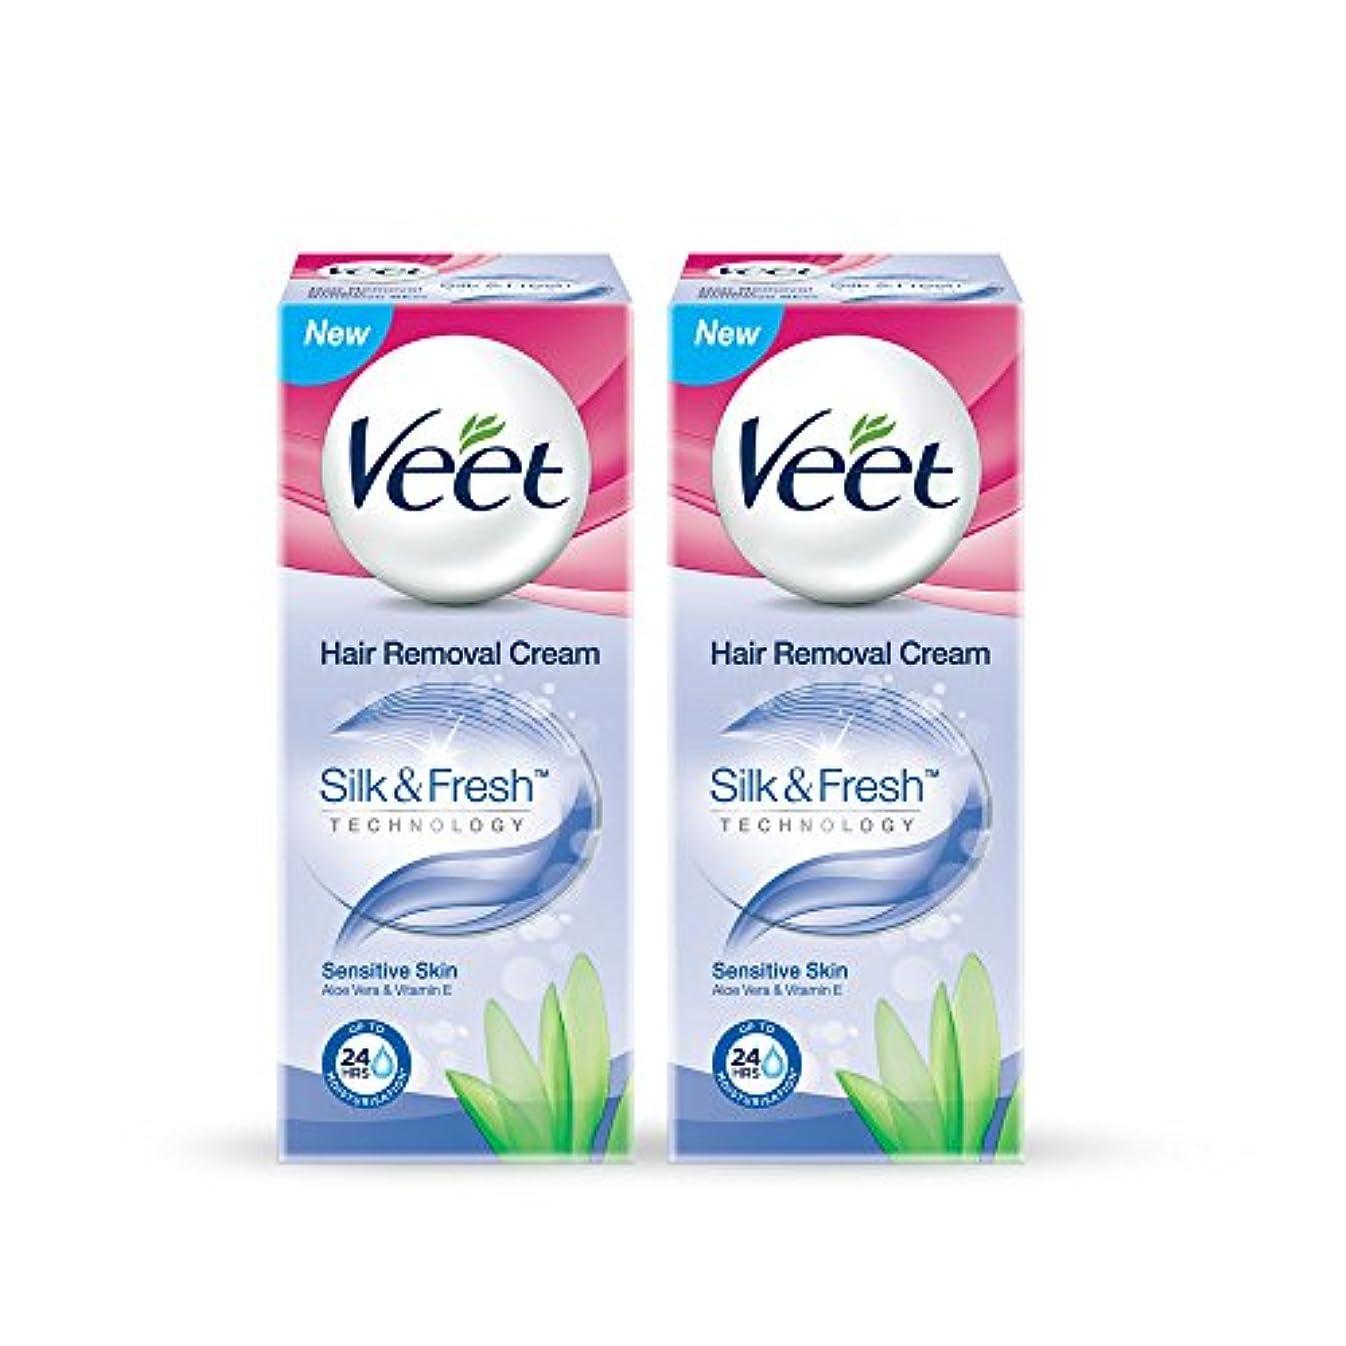 倒産優れたカメVeet Hair Removal Gel Cream For Sensitive Skin With Aloe Vera and Vitamin E 25 g (Pack of 2)